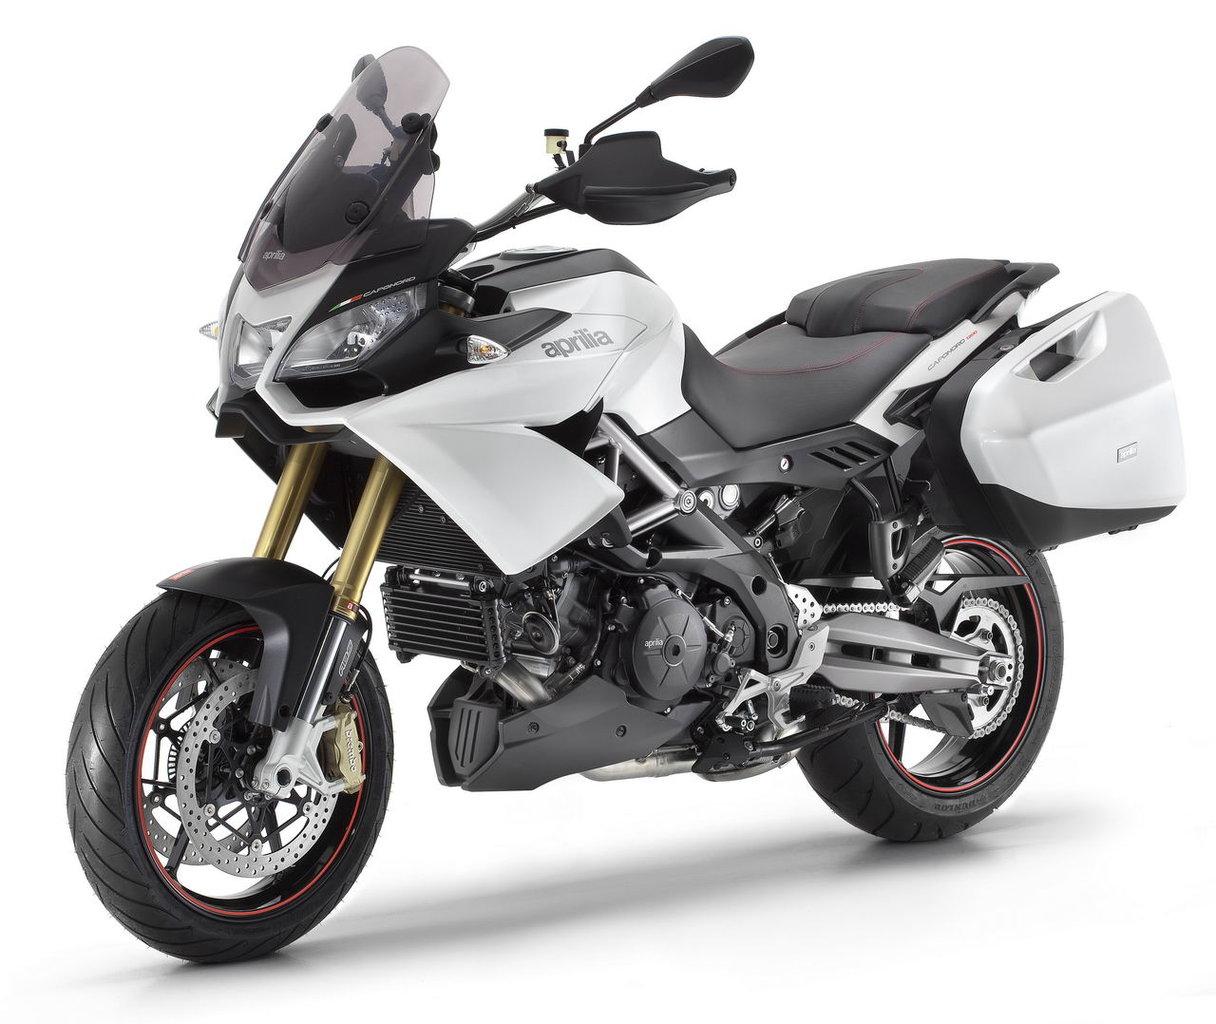 Listino Aprilia RS4 125 Replica Moto 50 e 125 - image 14292_aprilia-caponord1200-abs on http://moto.motori.net